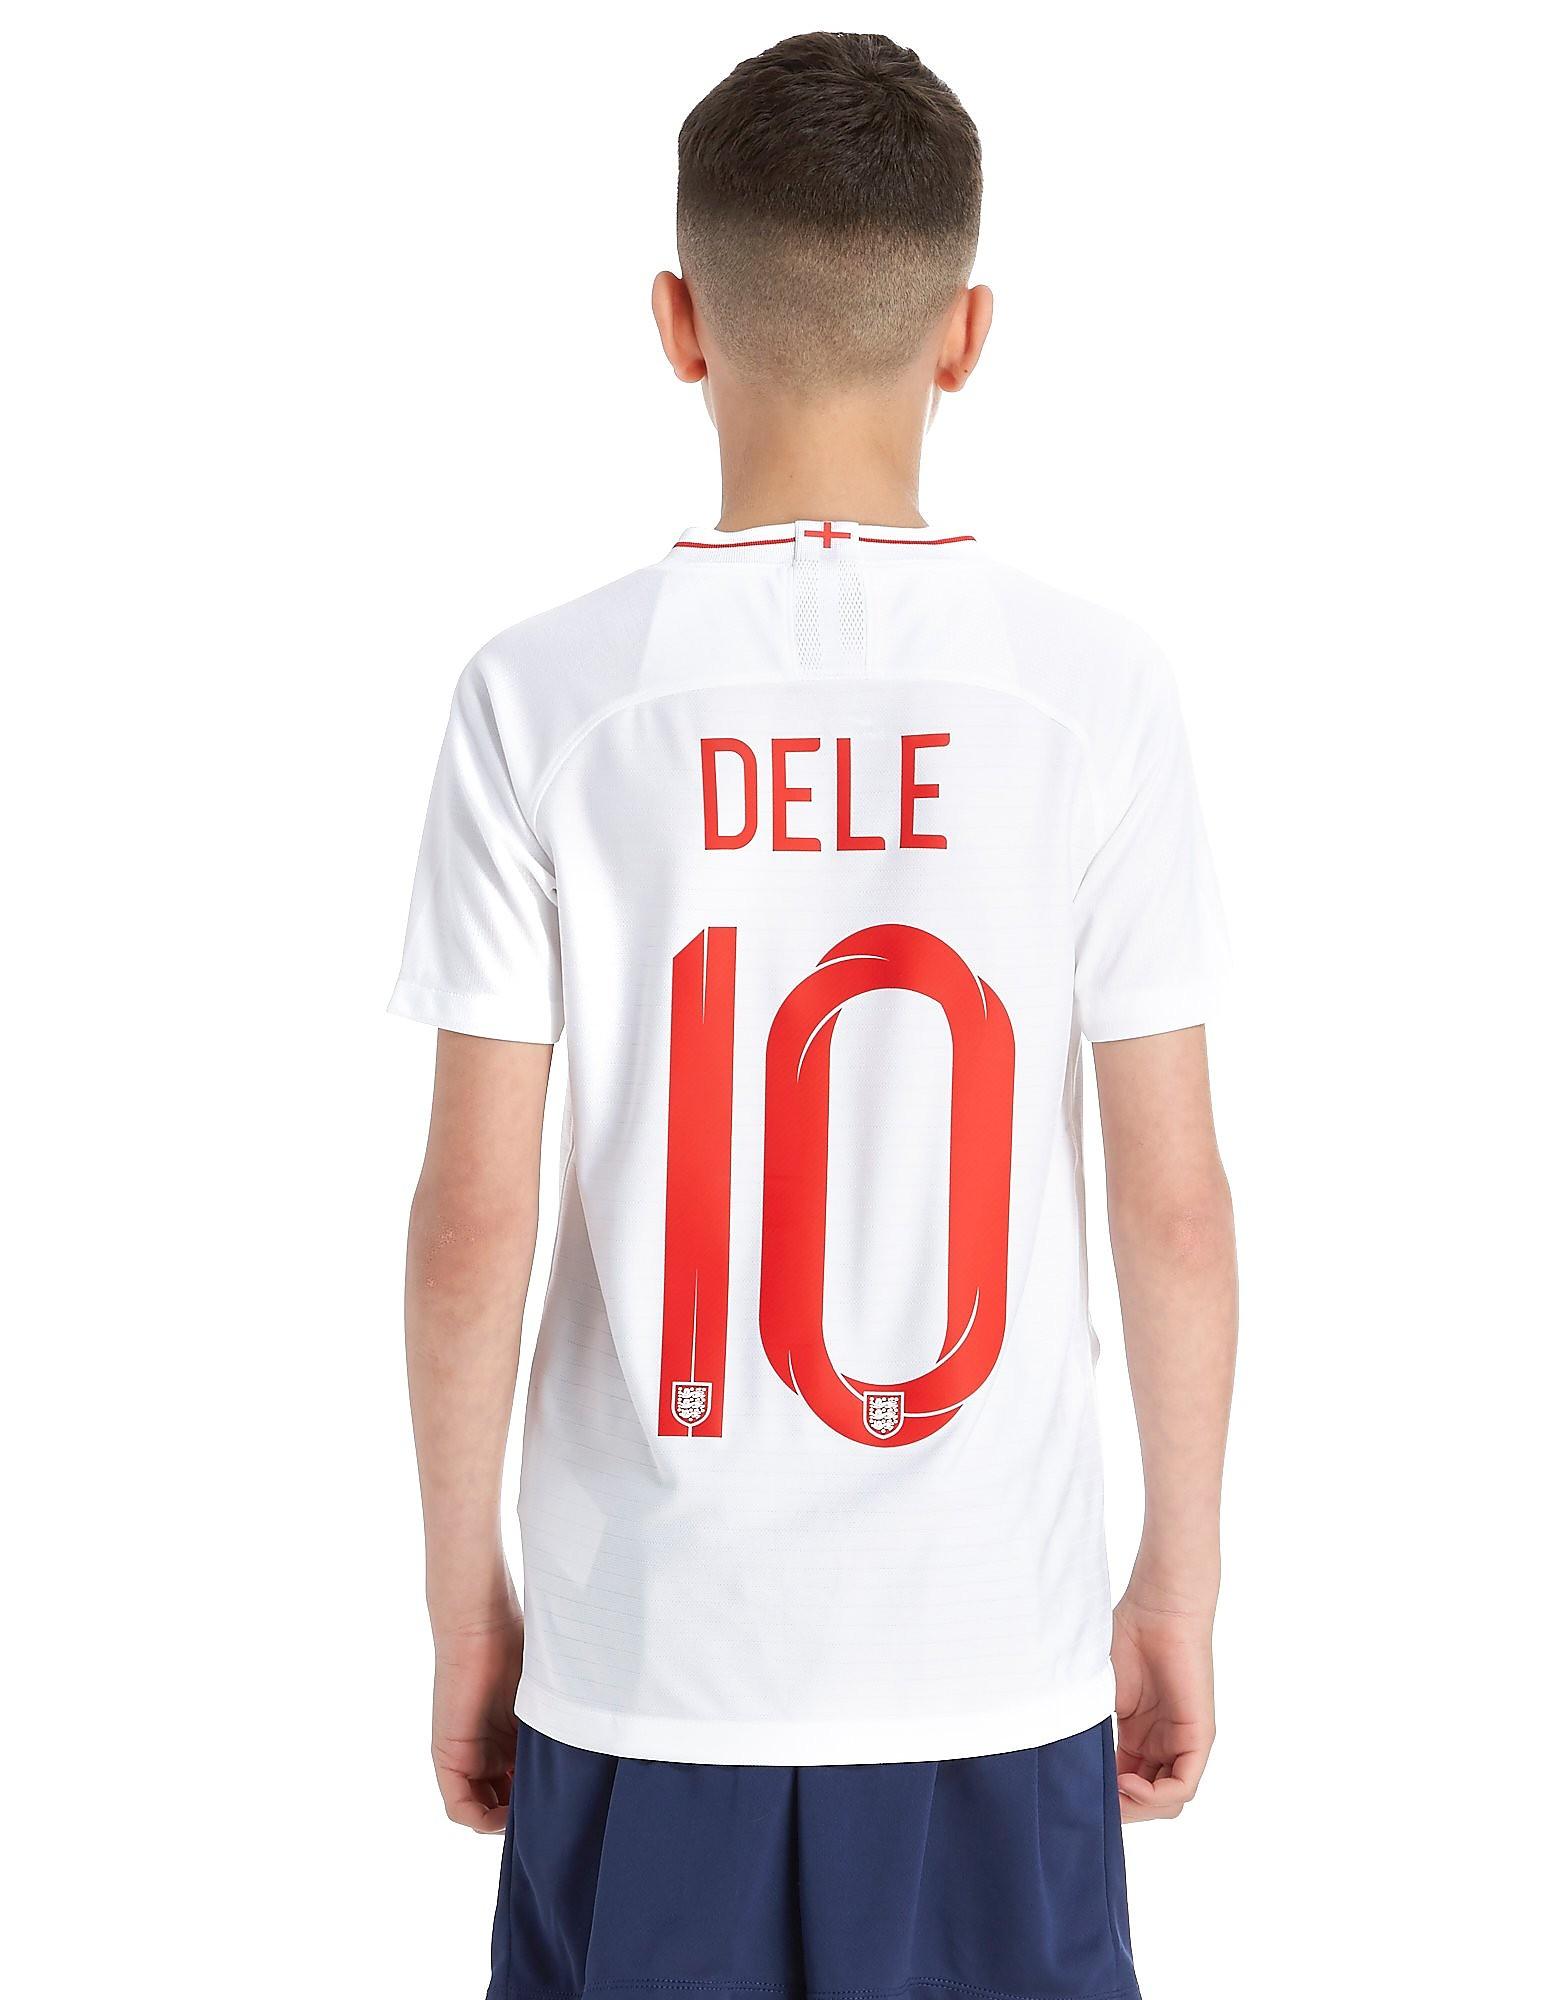 Nike England 2018 Dele #10 Home Shirt Junior